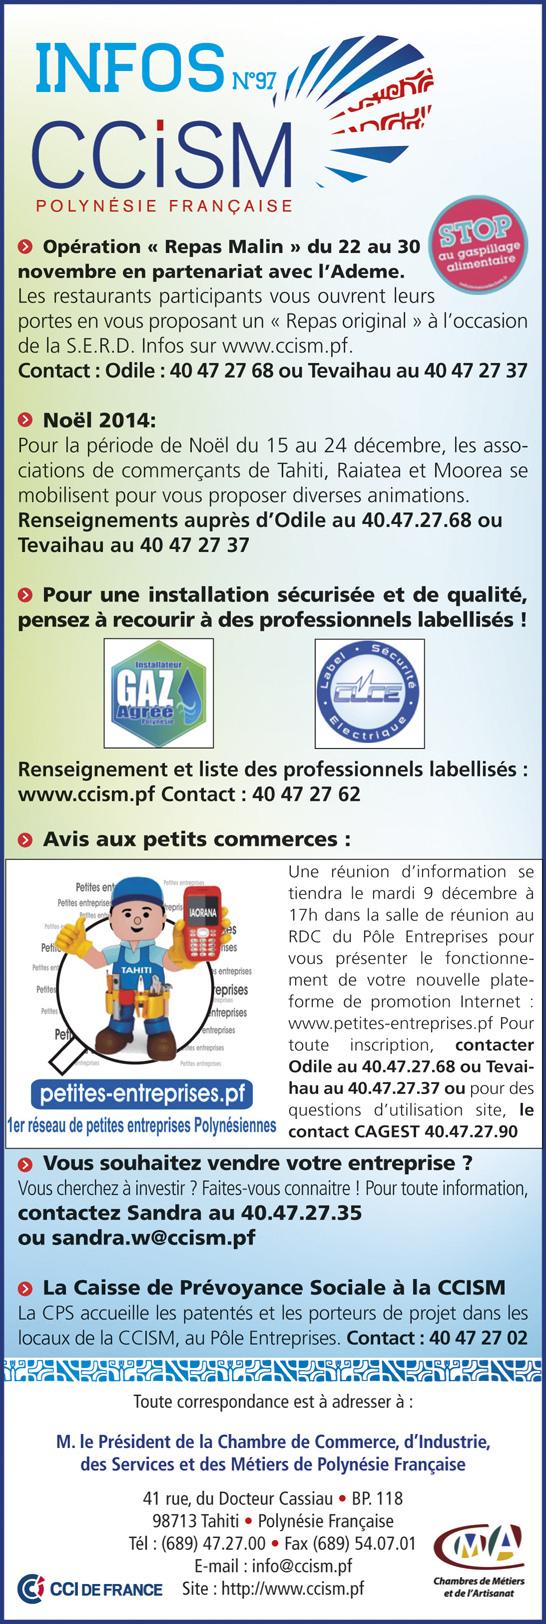 Infos CCISM N°97